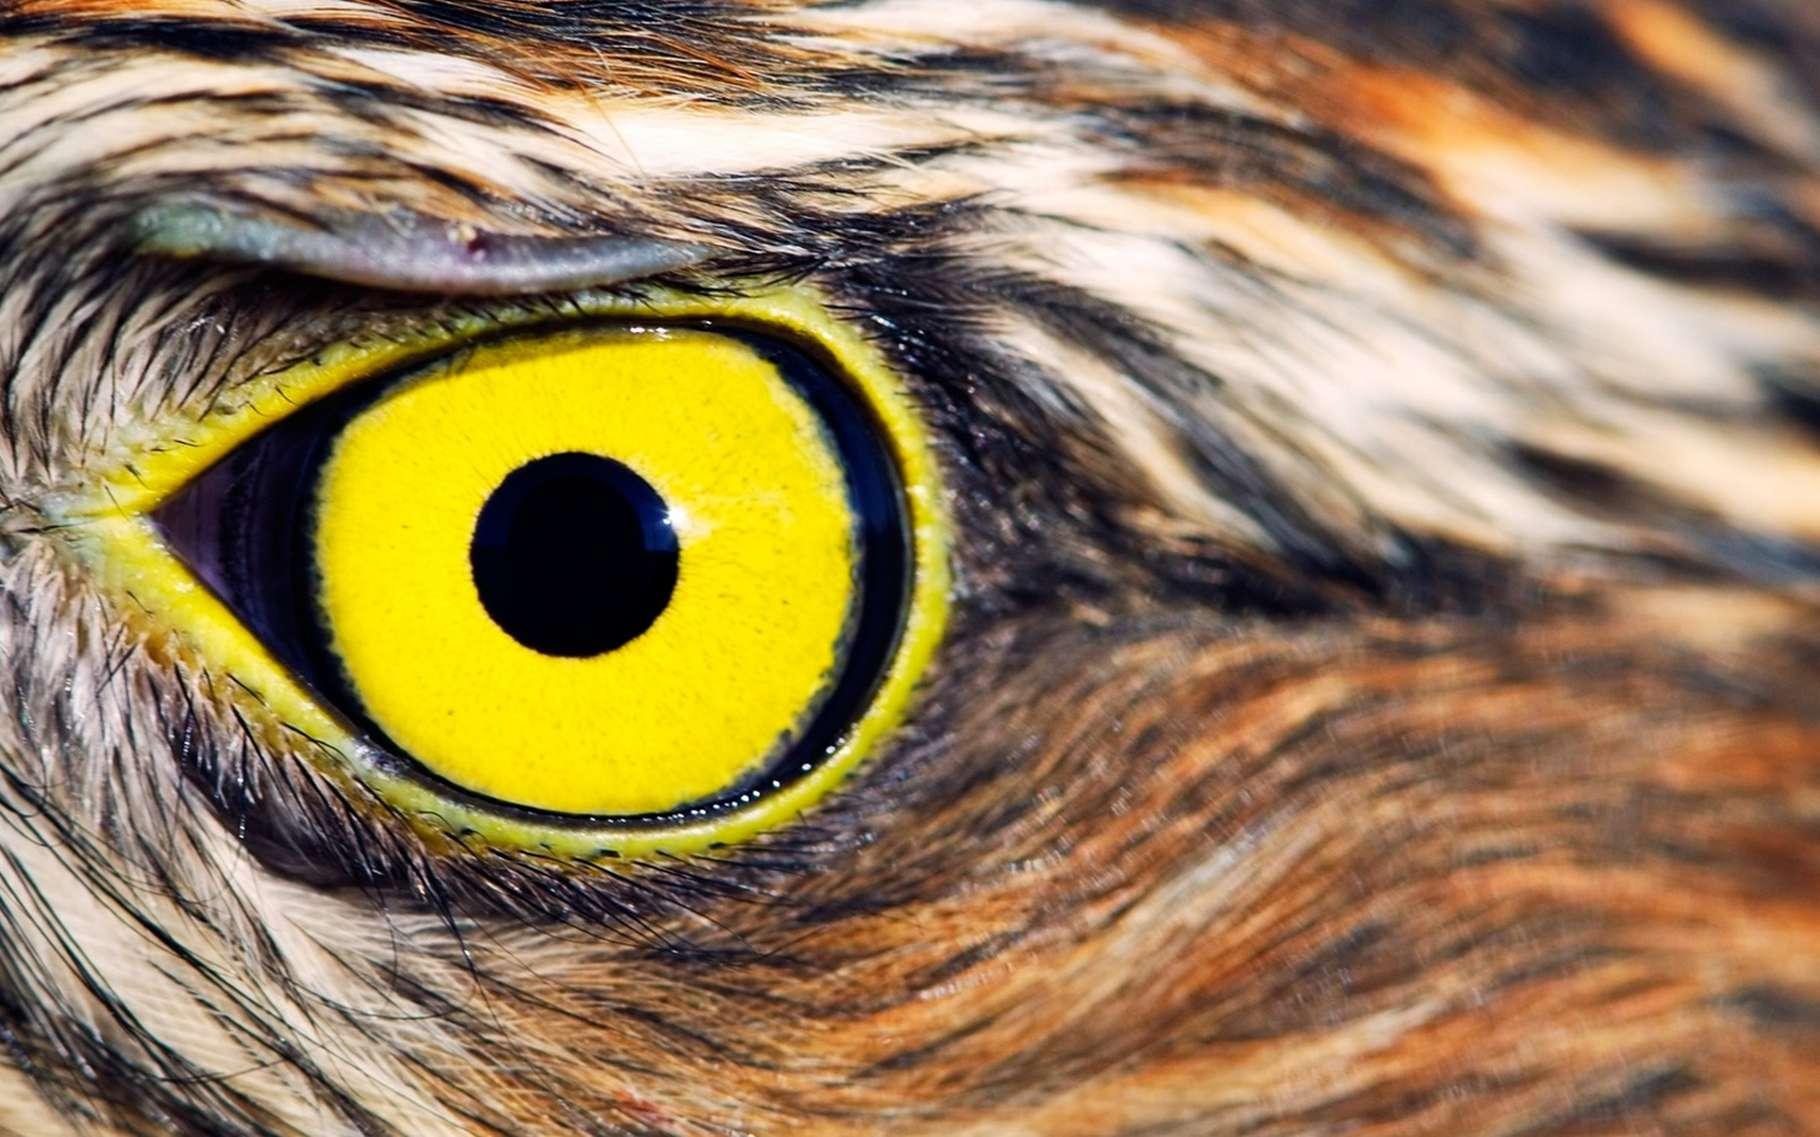 En s'inspirant du fonctionnement de la vision de l'aigle, les chercheurs de l'université de Stuttgart nous offrent encore un bel exemple de biomimétisme. © Mycteria, Fotolia